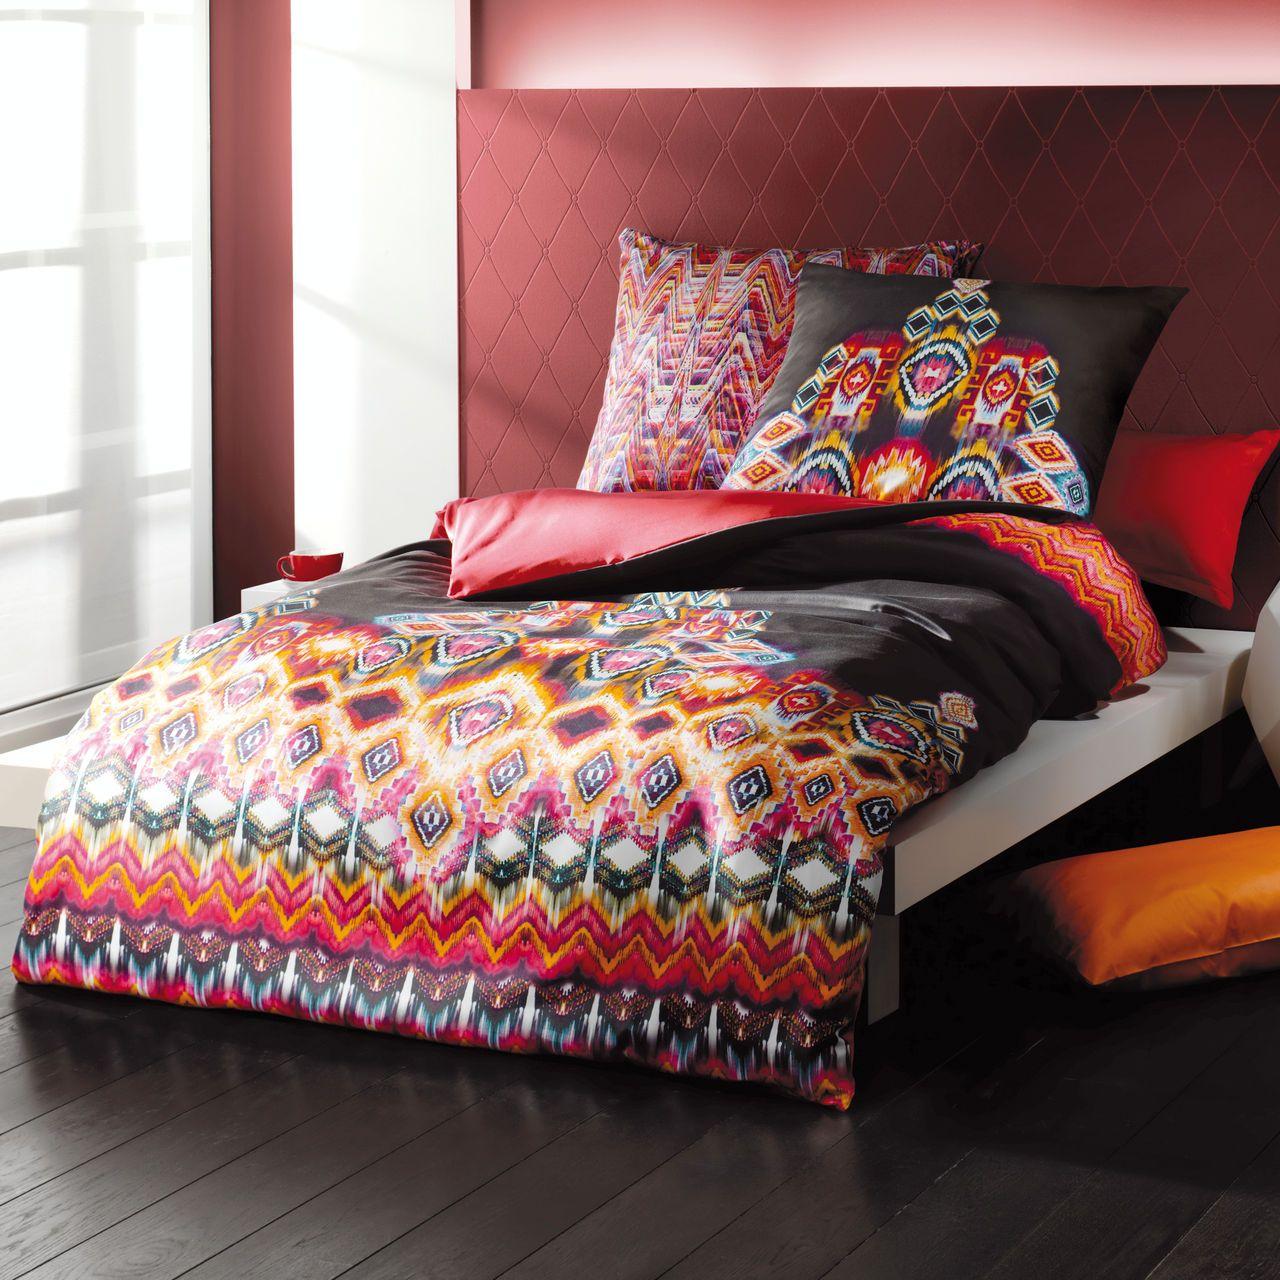 wende bettw sche aus kuschelweichem mako satin sch ner schlafen pinterest bettw sche bett. Black Bedroom Furniture Sets. Home Design Ideas